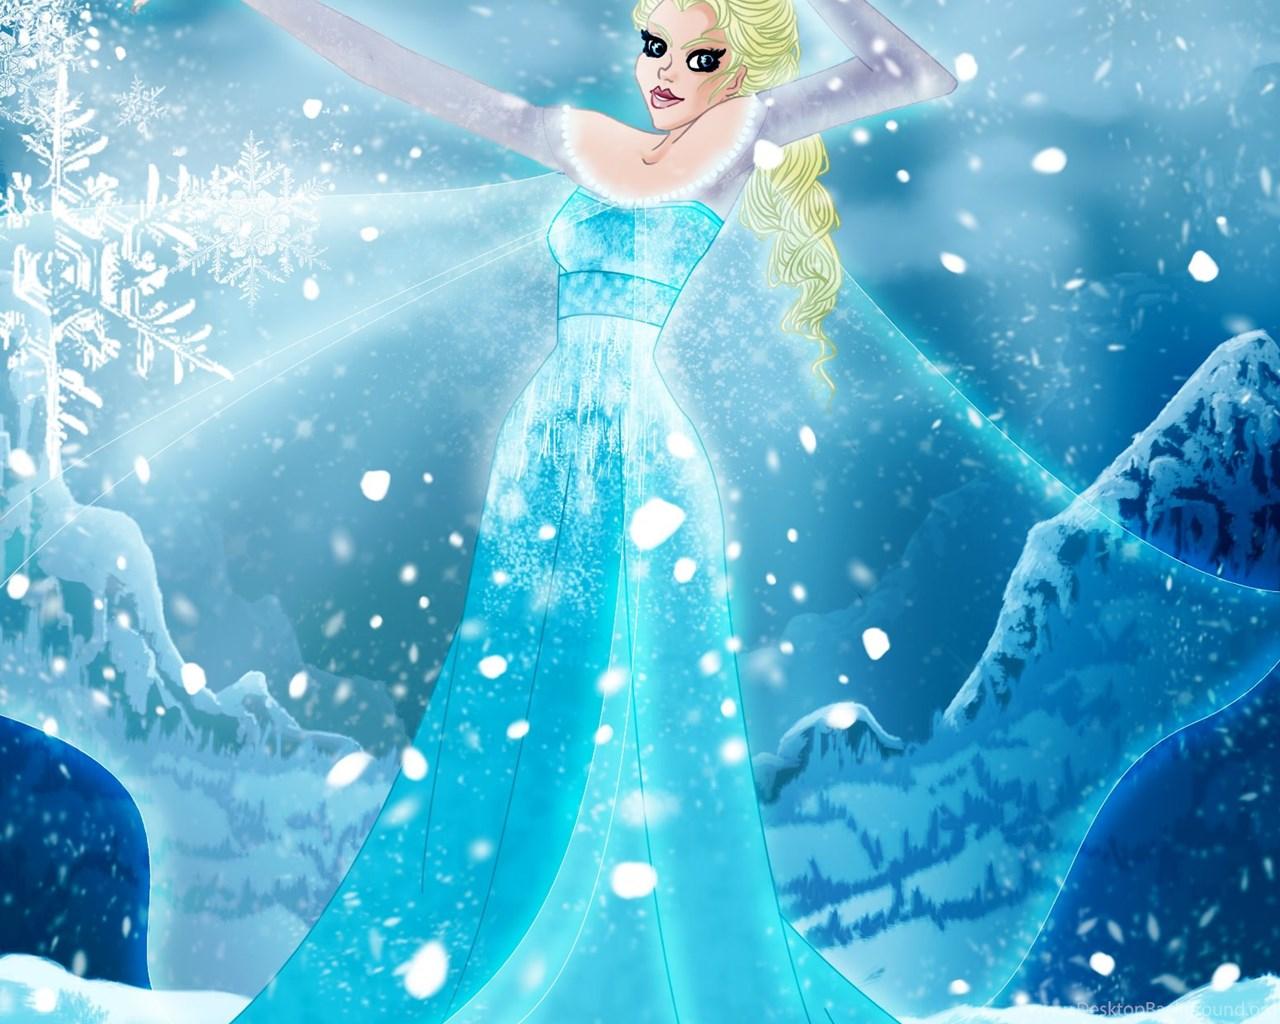 Disney Frozen Image Wallpapers For IPhone Cartoons